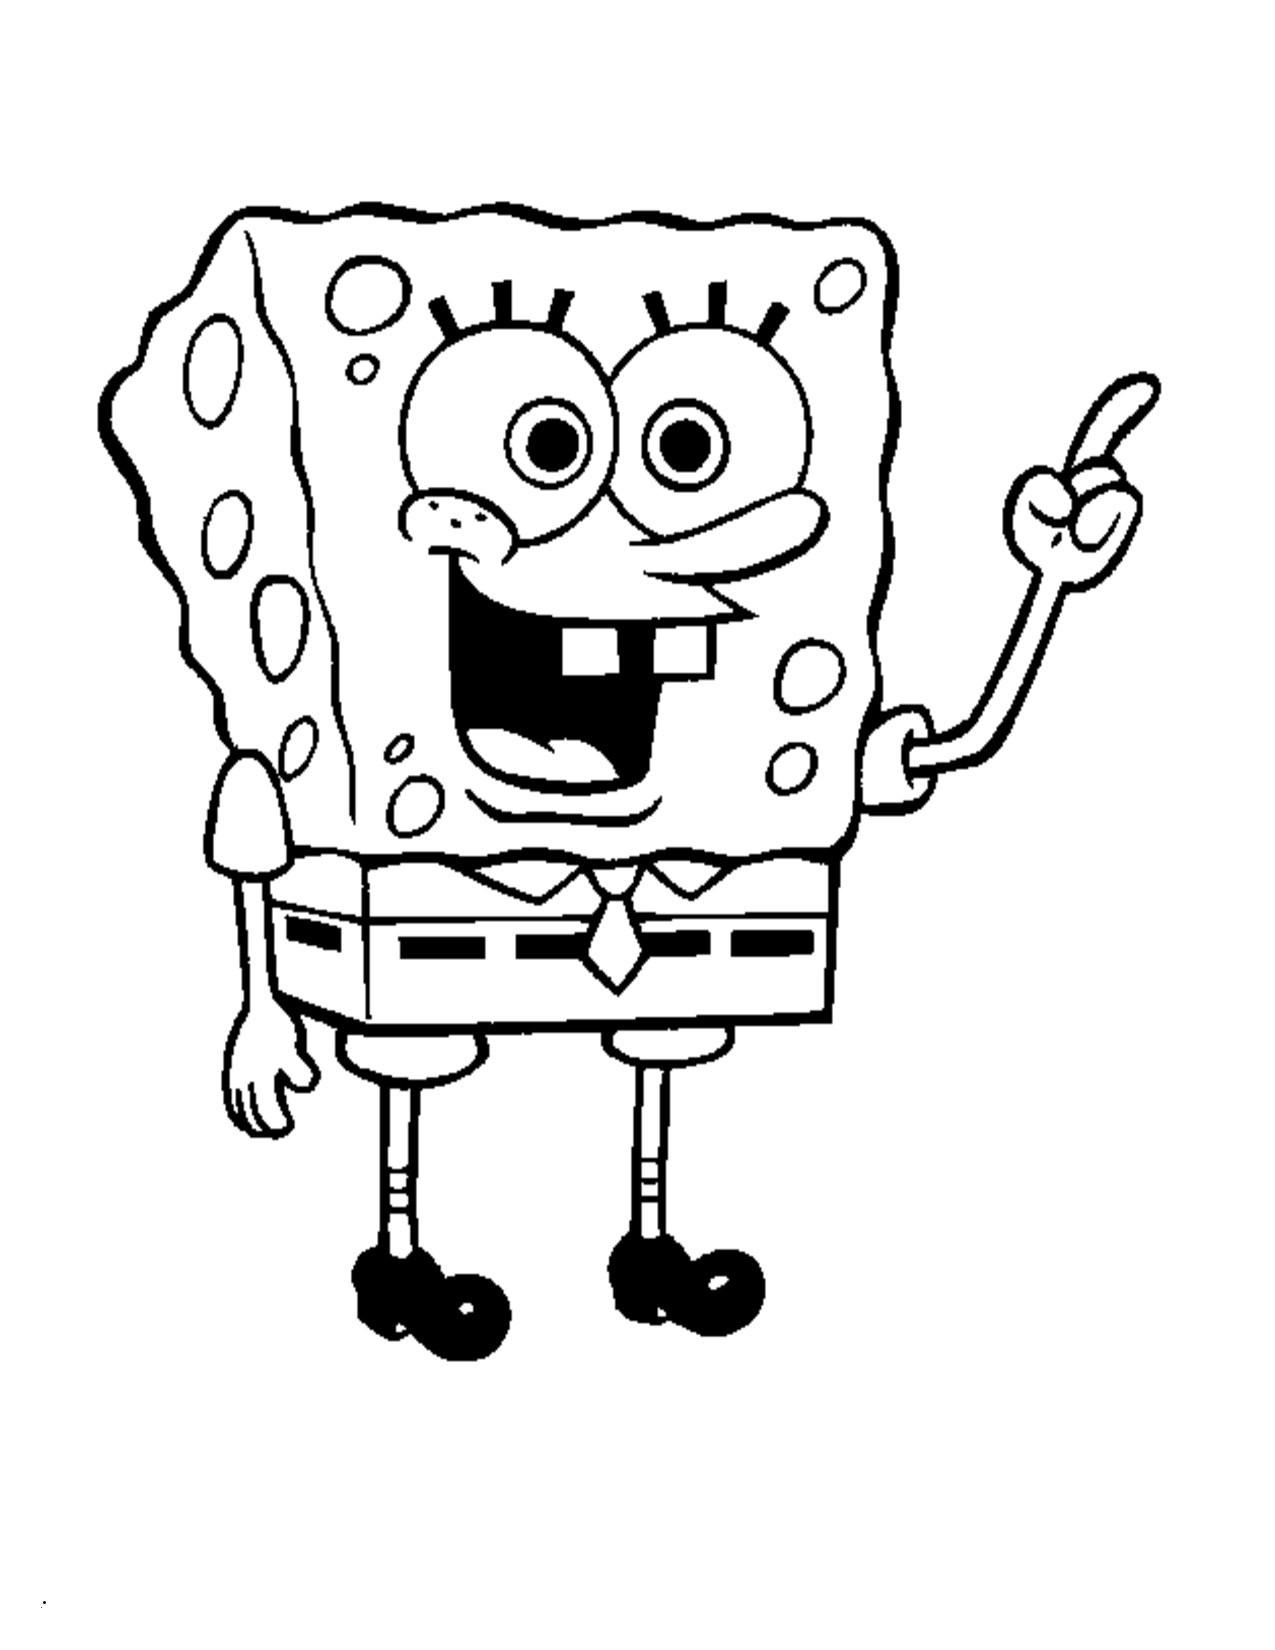 Spongebob Zum Ausmalen Das Beste Von 48 formular Spongebob Und Patrick Ausmalbilder Treehouse Nyc Fotos